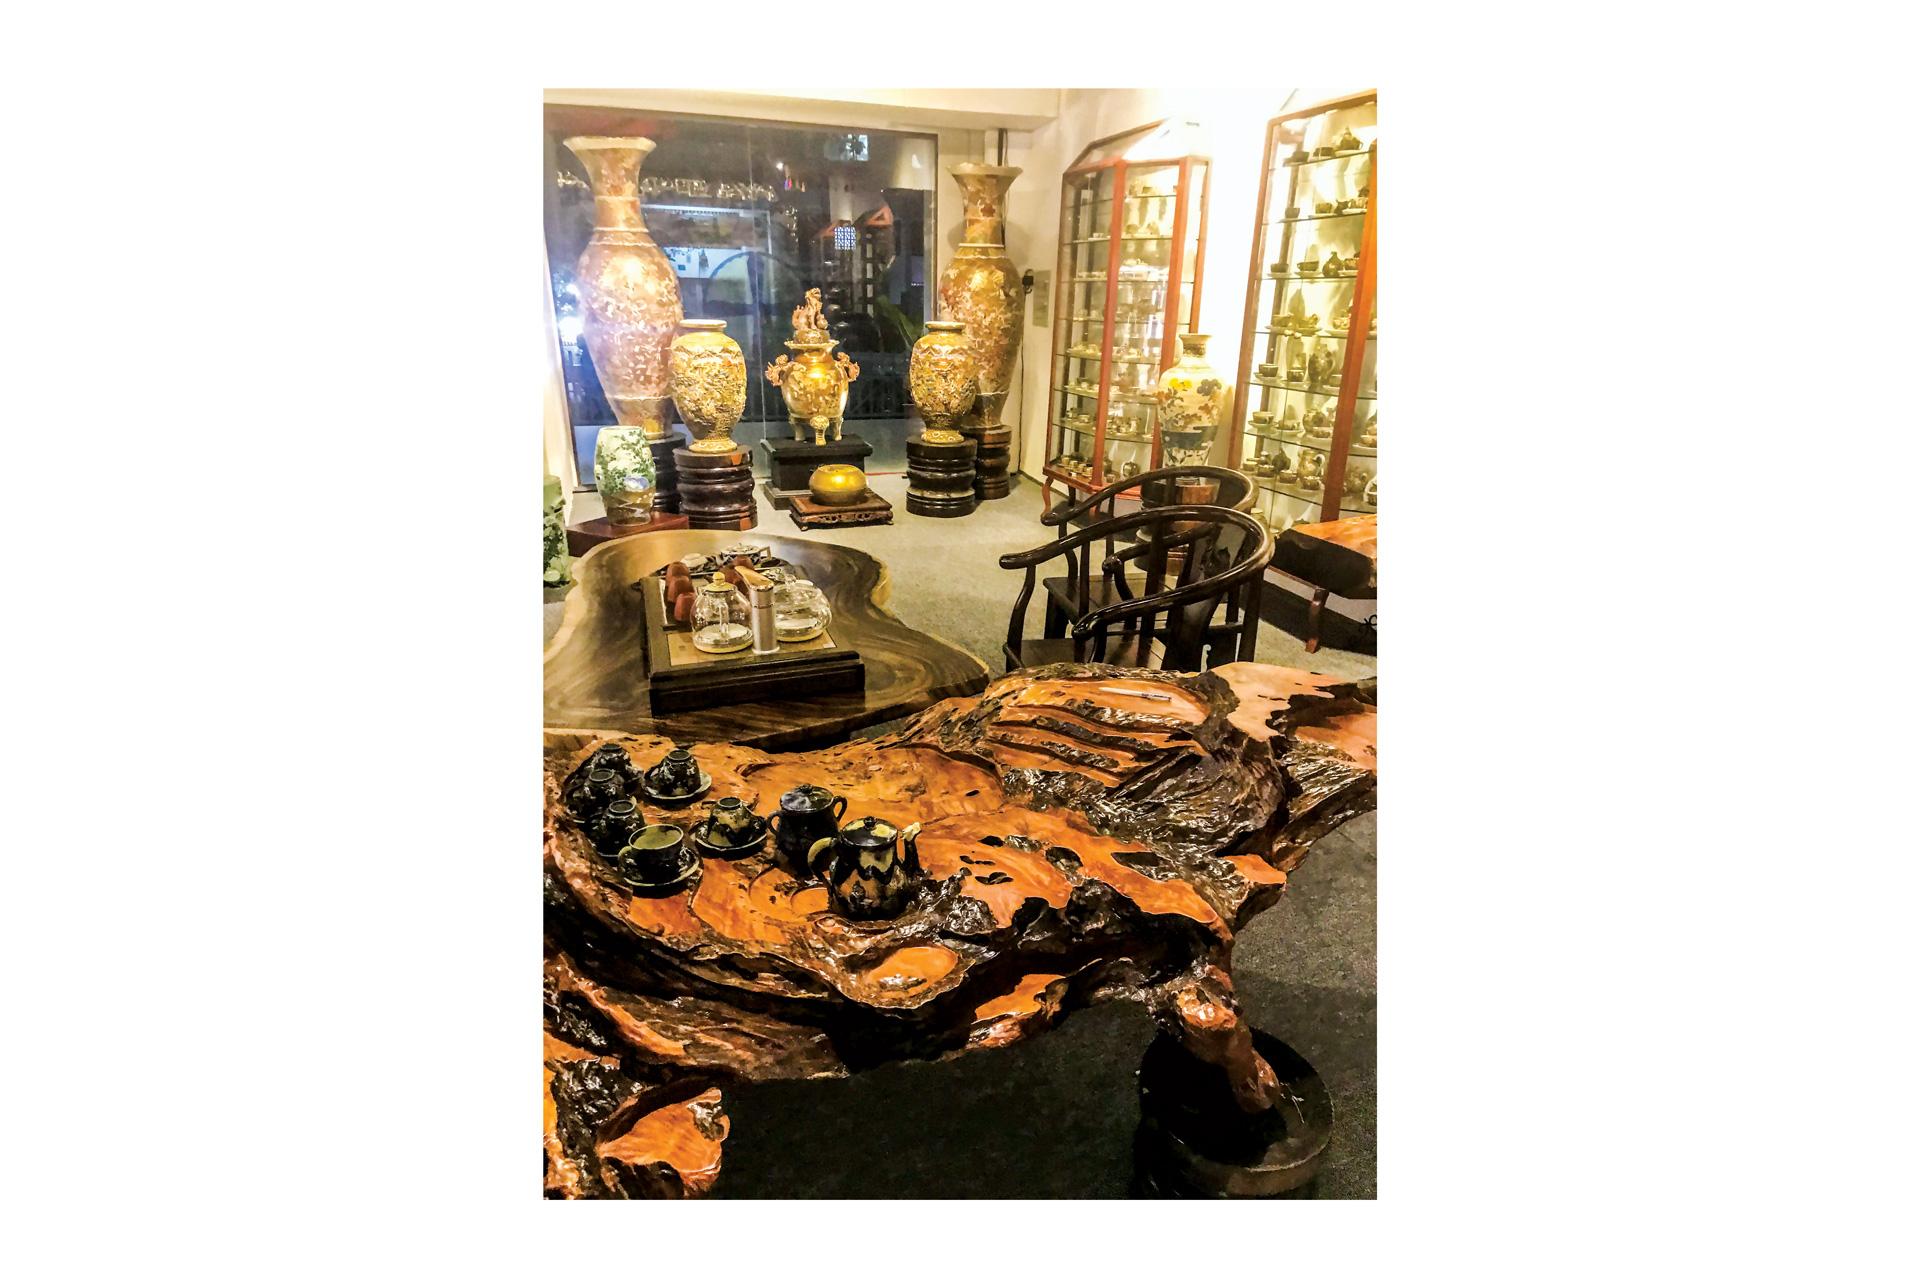 Hội quán Long Chương, hội ngộ đam mê gốm sứ Nhật Bản ảnh 4